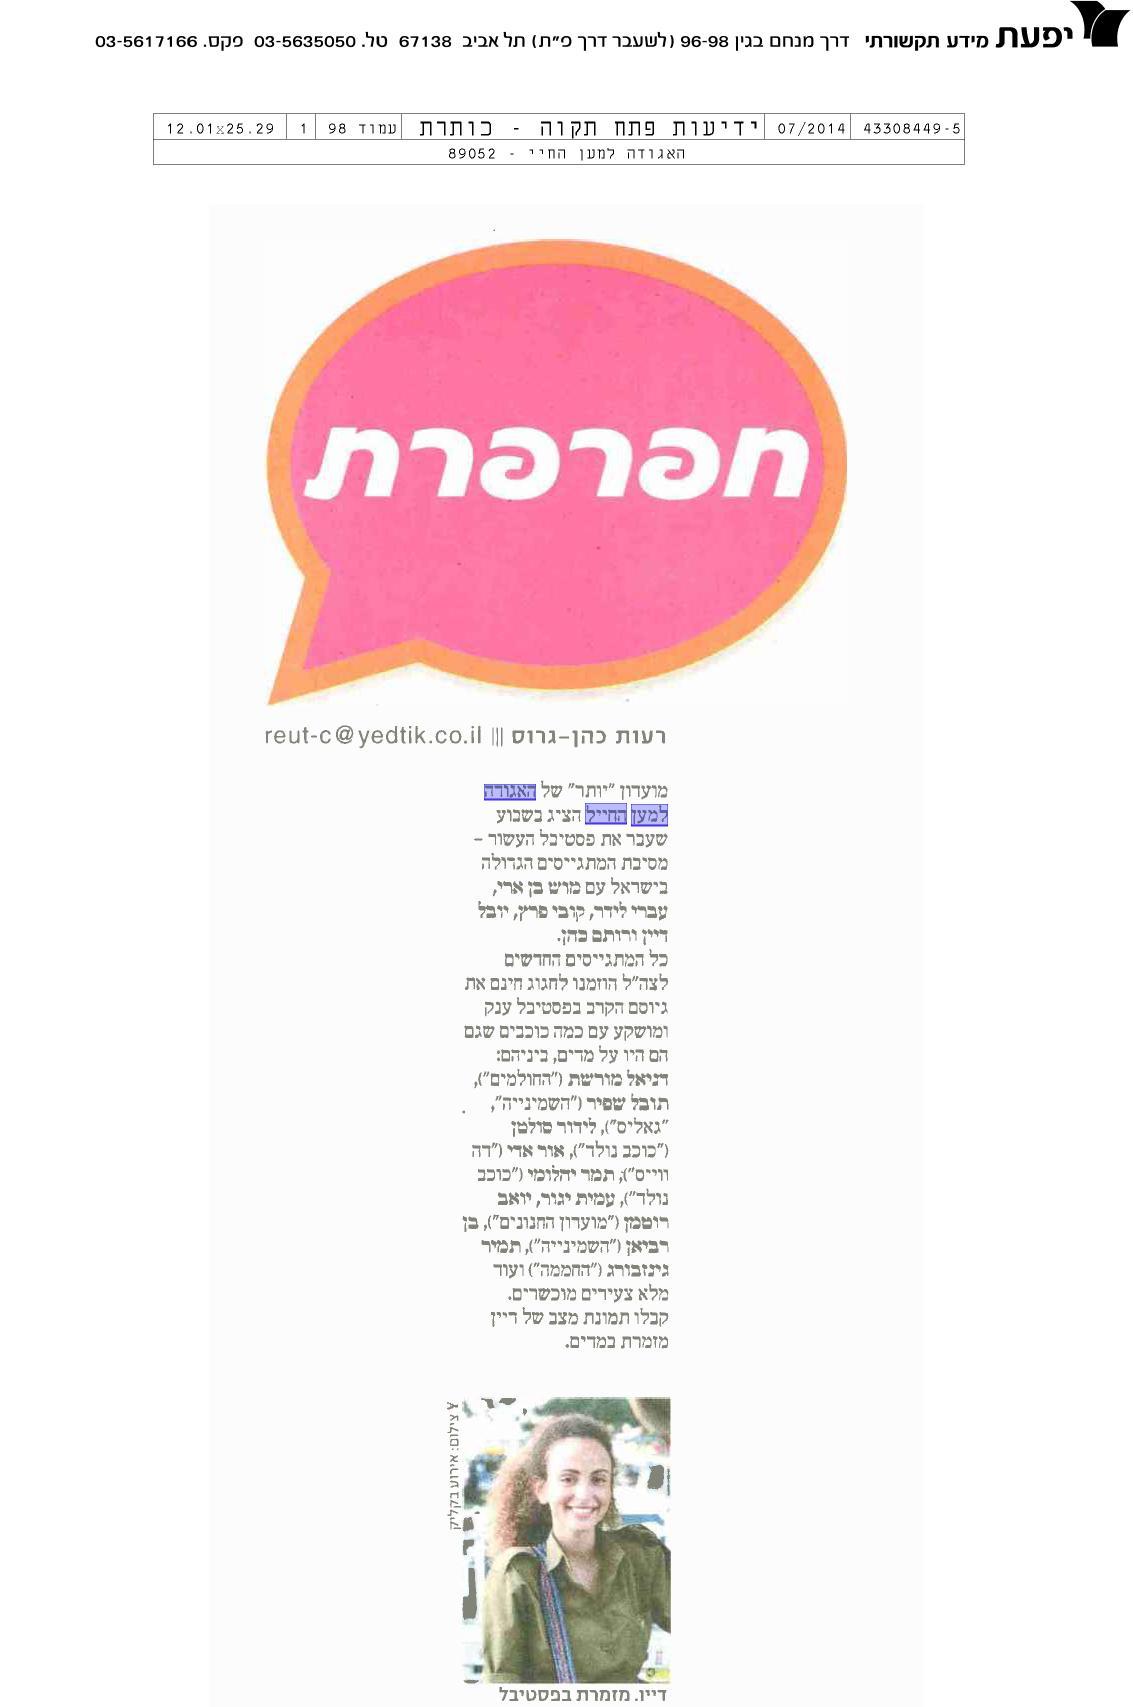 3.7.14 חפרפרת פסטיבל מתגייסים 2014 מקומון פתח תקווה.jpg